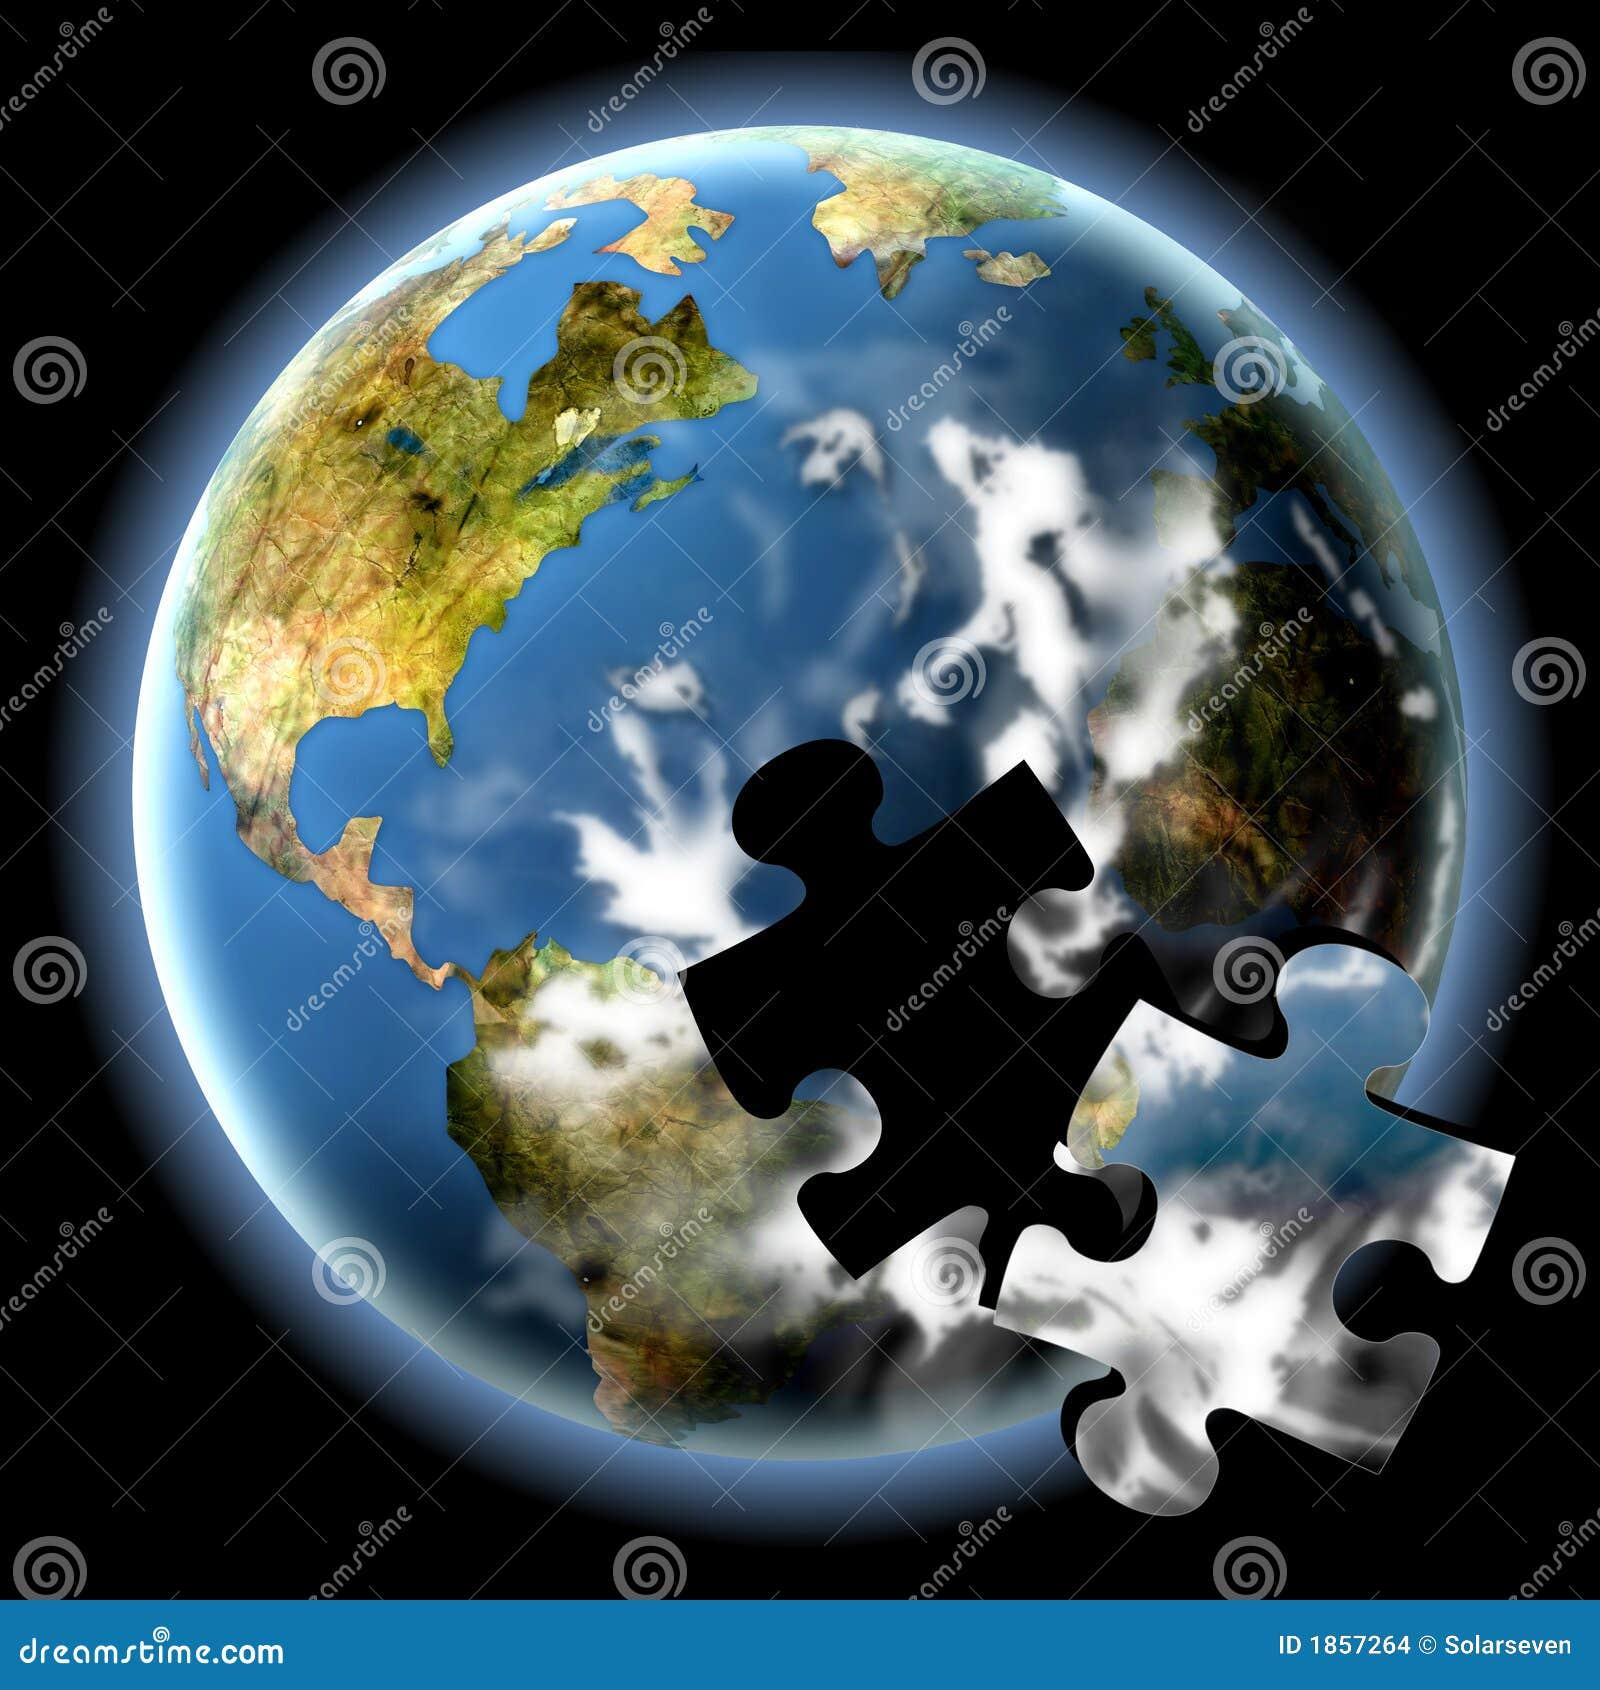 Das Erde-Puzzlespiel